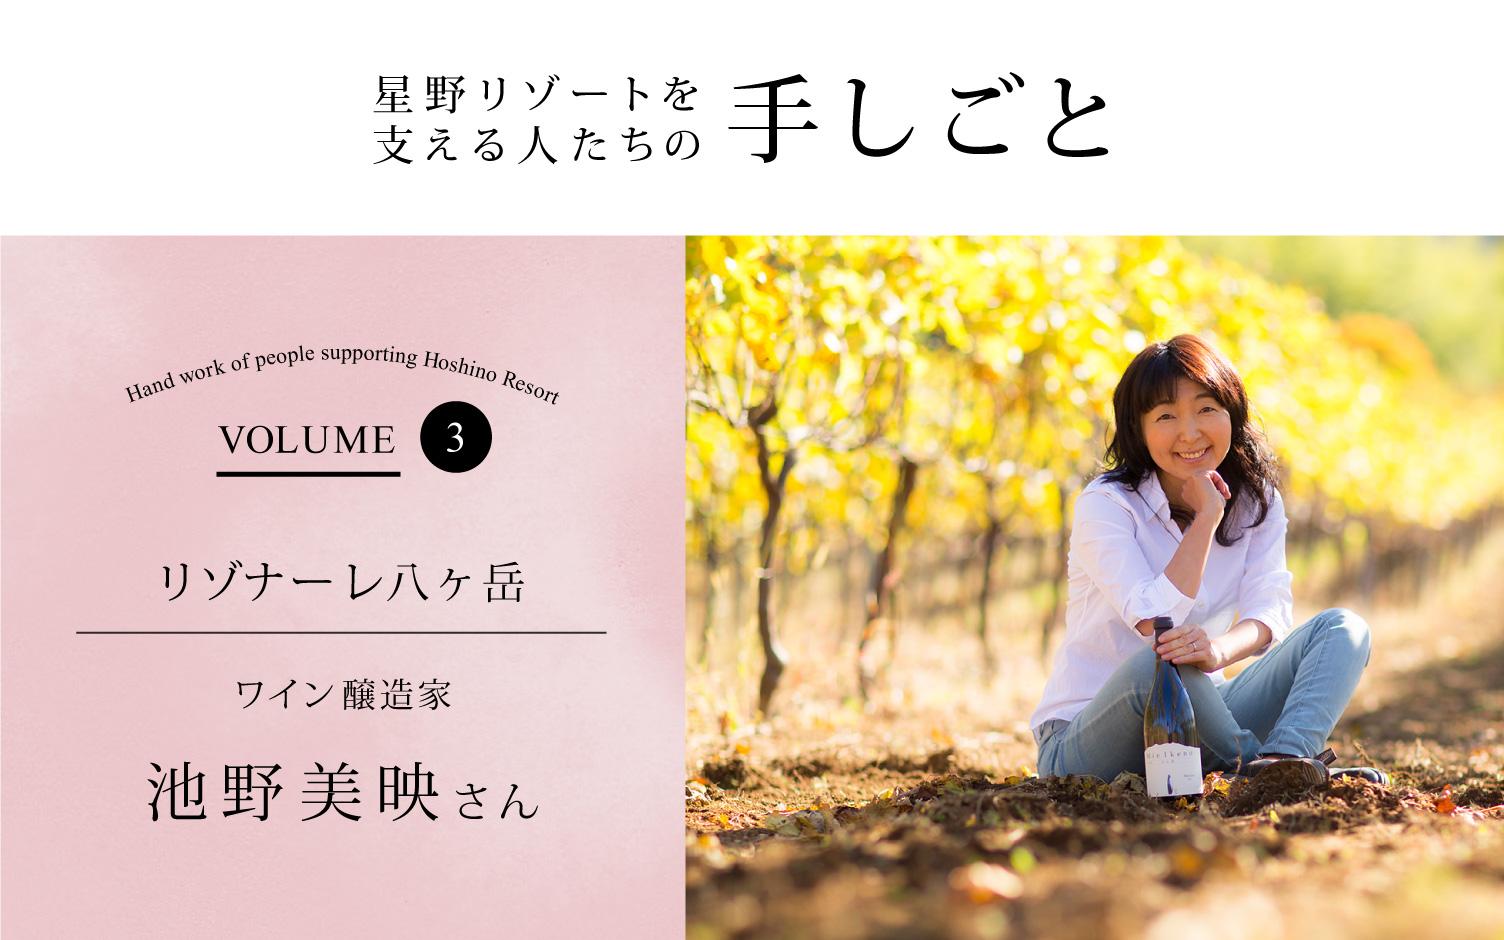 vol.3 ワイン醸造家 池野美映さん